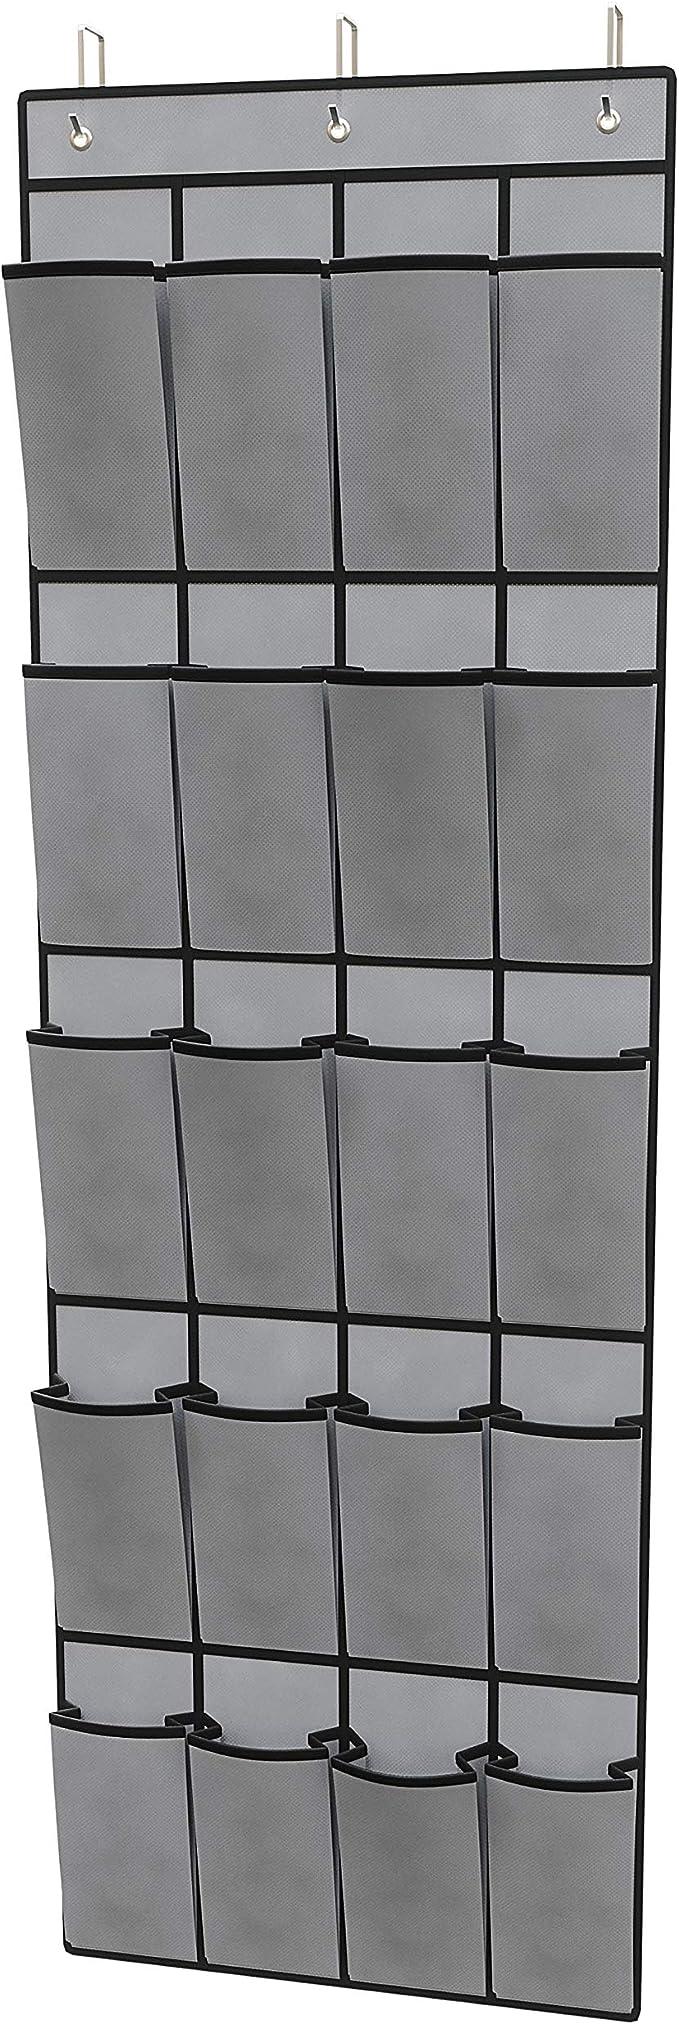 Sapateira Pendurável, 20 Pares, 26.5x33.5 cm, Cinza,